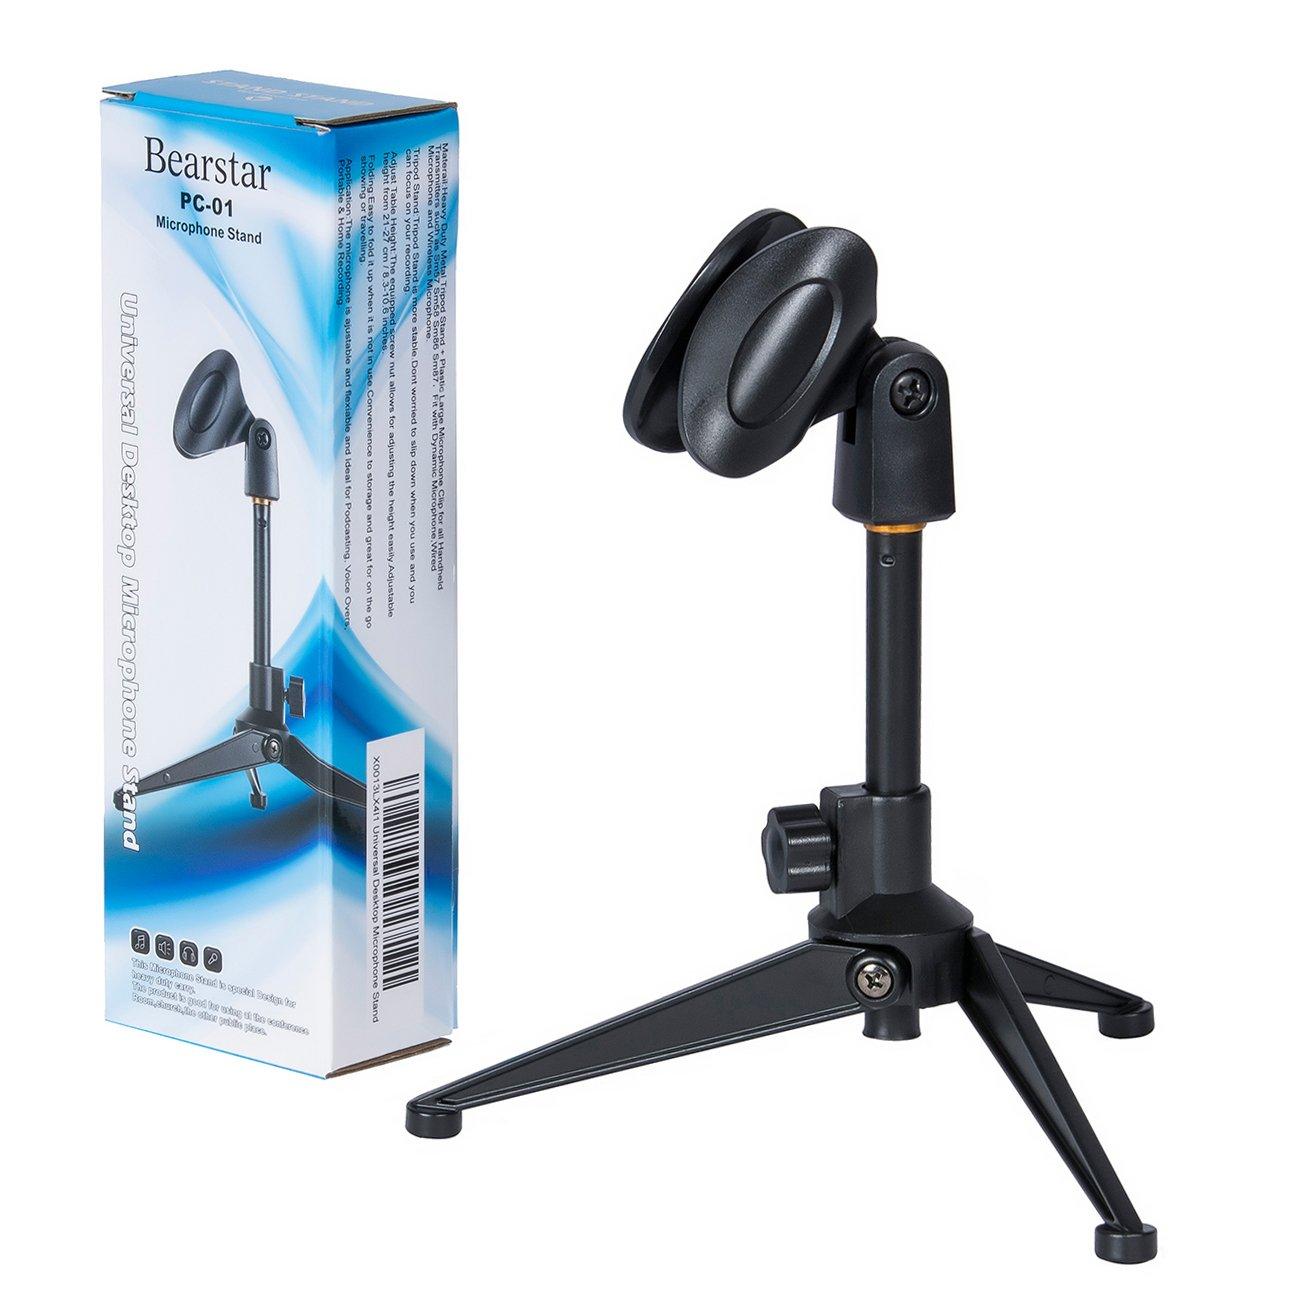 amazon com bearstar universal desktop microphone stand adjustable rh amazon com microphone desk stand with switch microphone desktop stand